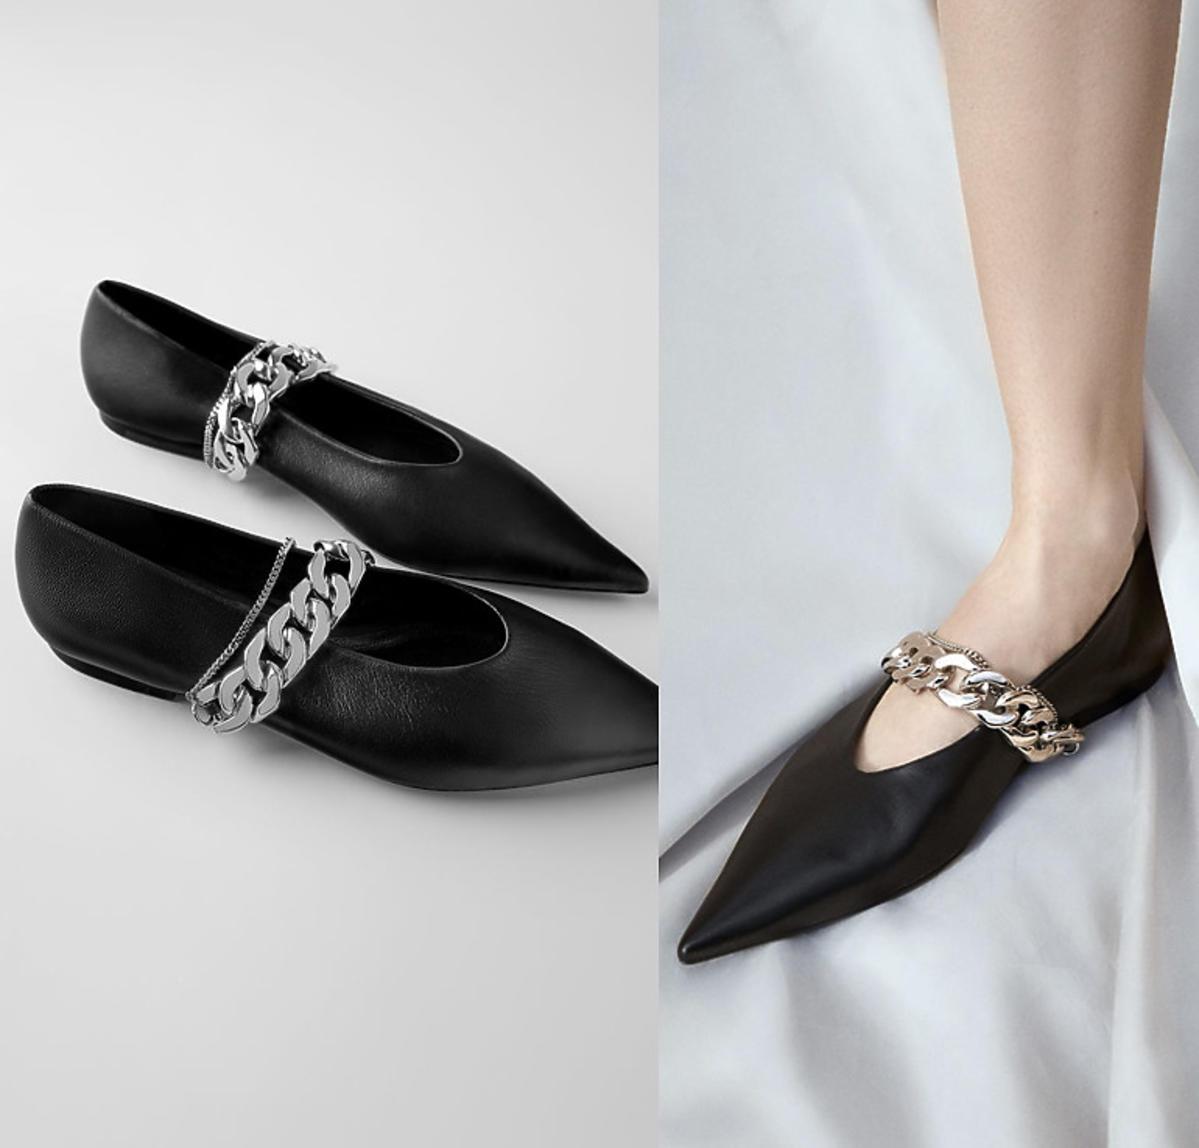 Skórzane balerinki w kolorze czarnym